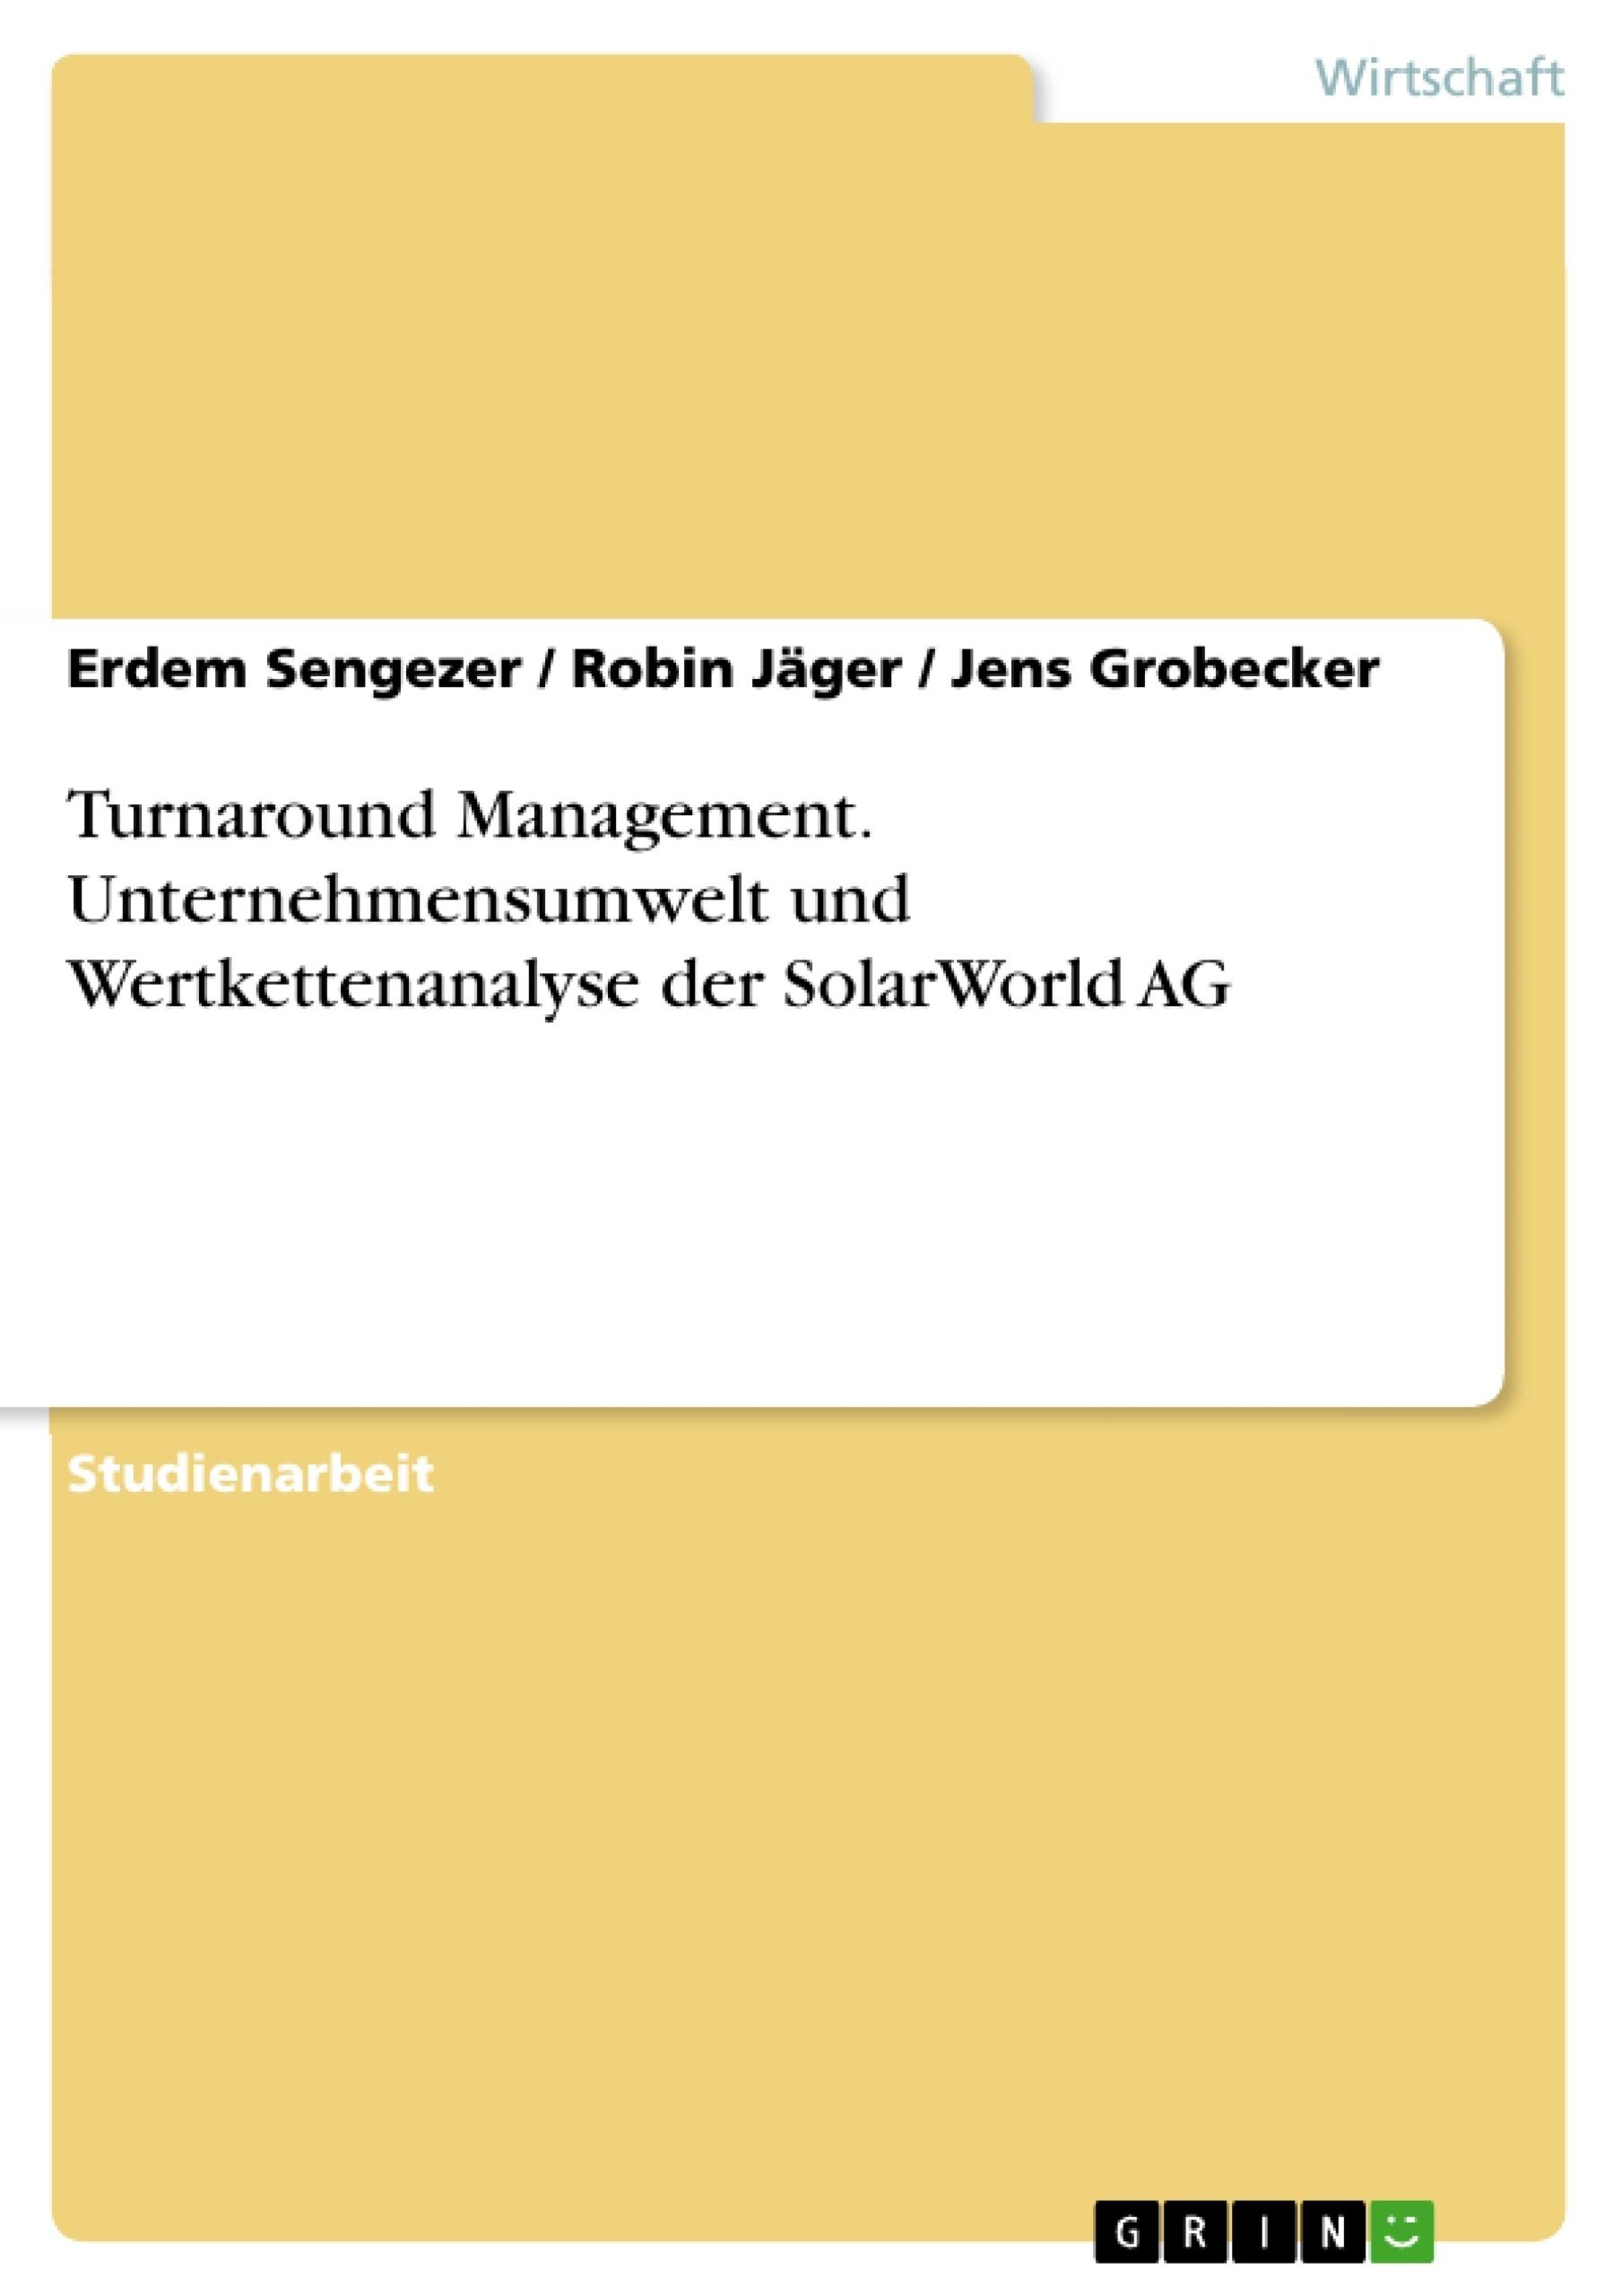 Titel: Turnaround Management. Unternehmensumwelt und Wertkettenanalyse der SolarWorld AG